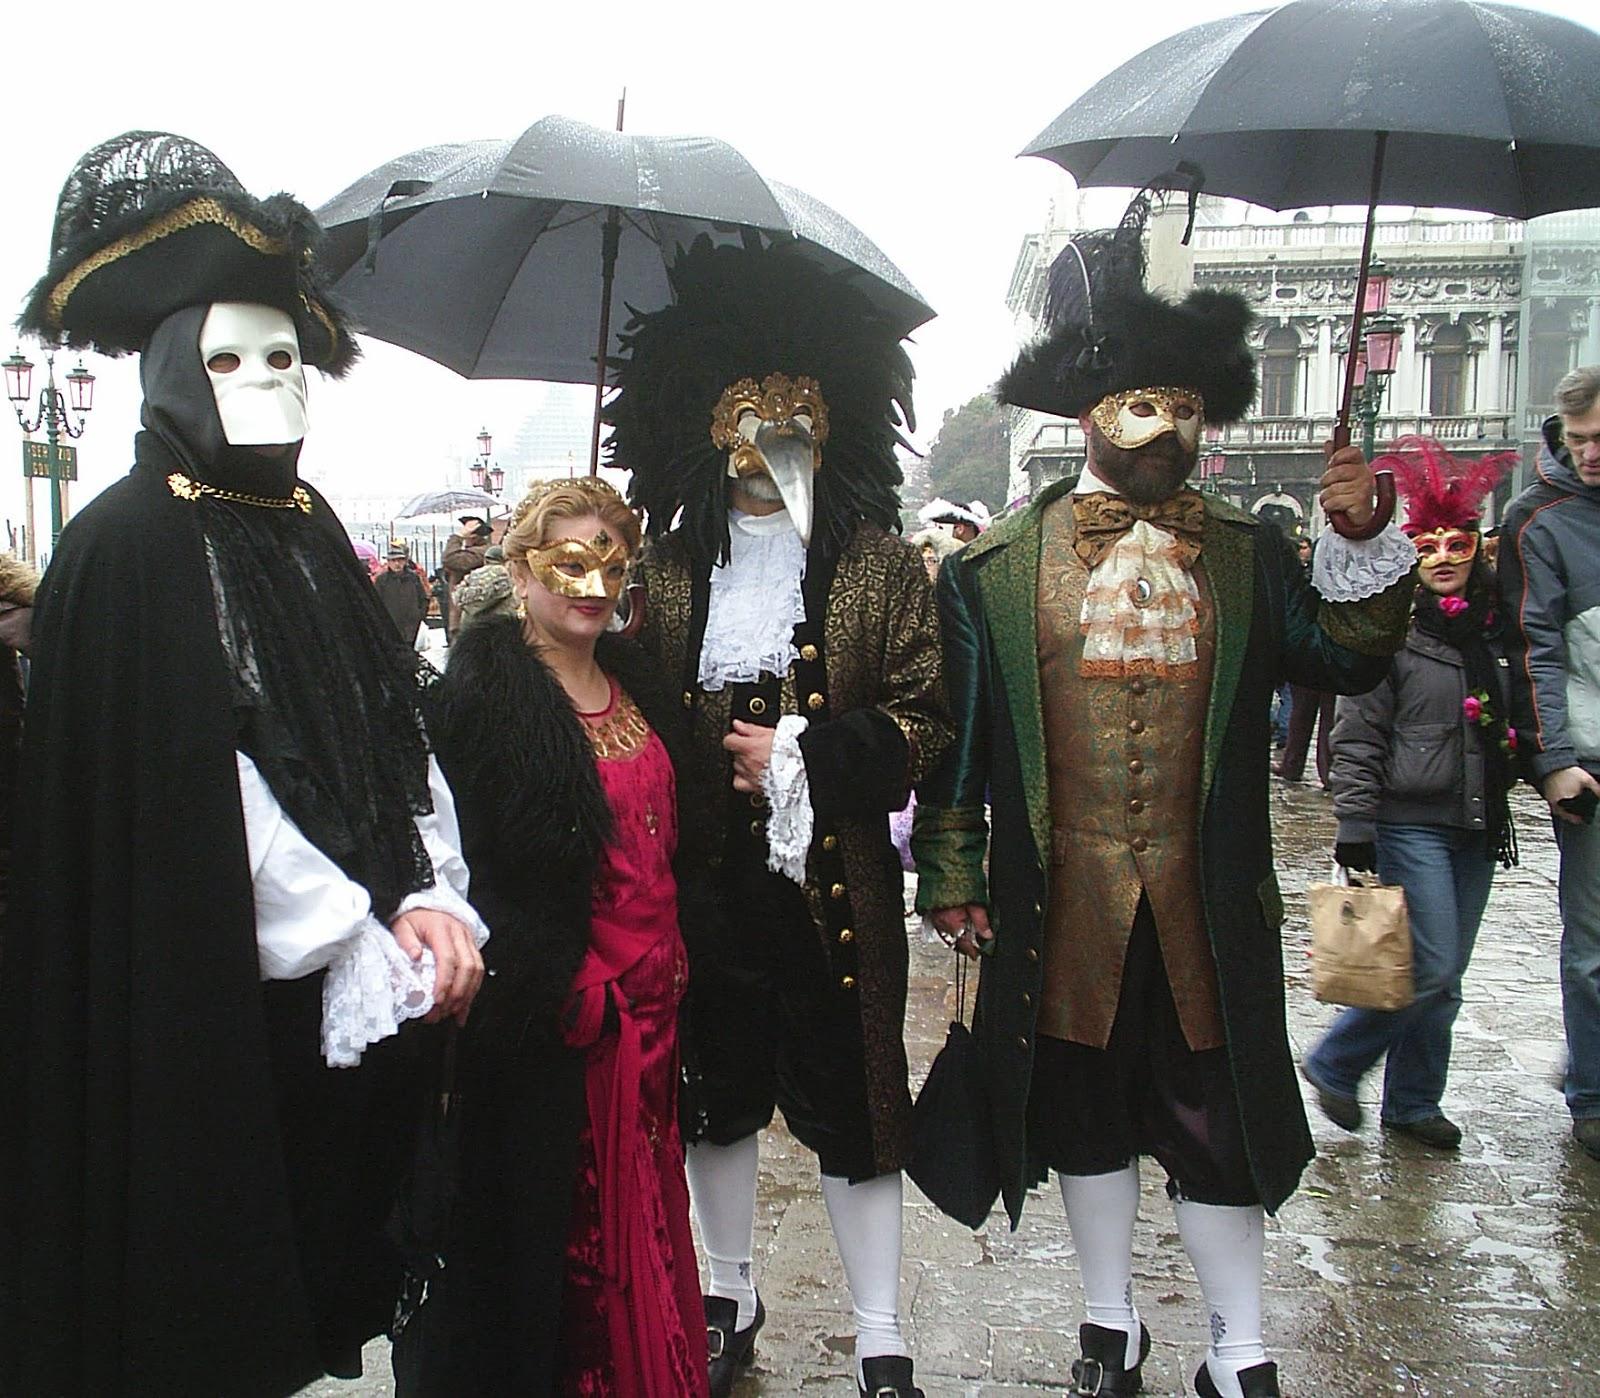 Paraguas en el Carnaval de Venecia